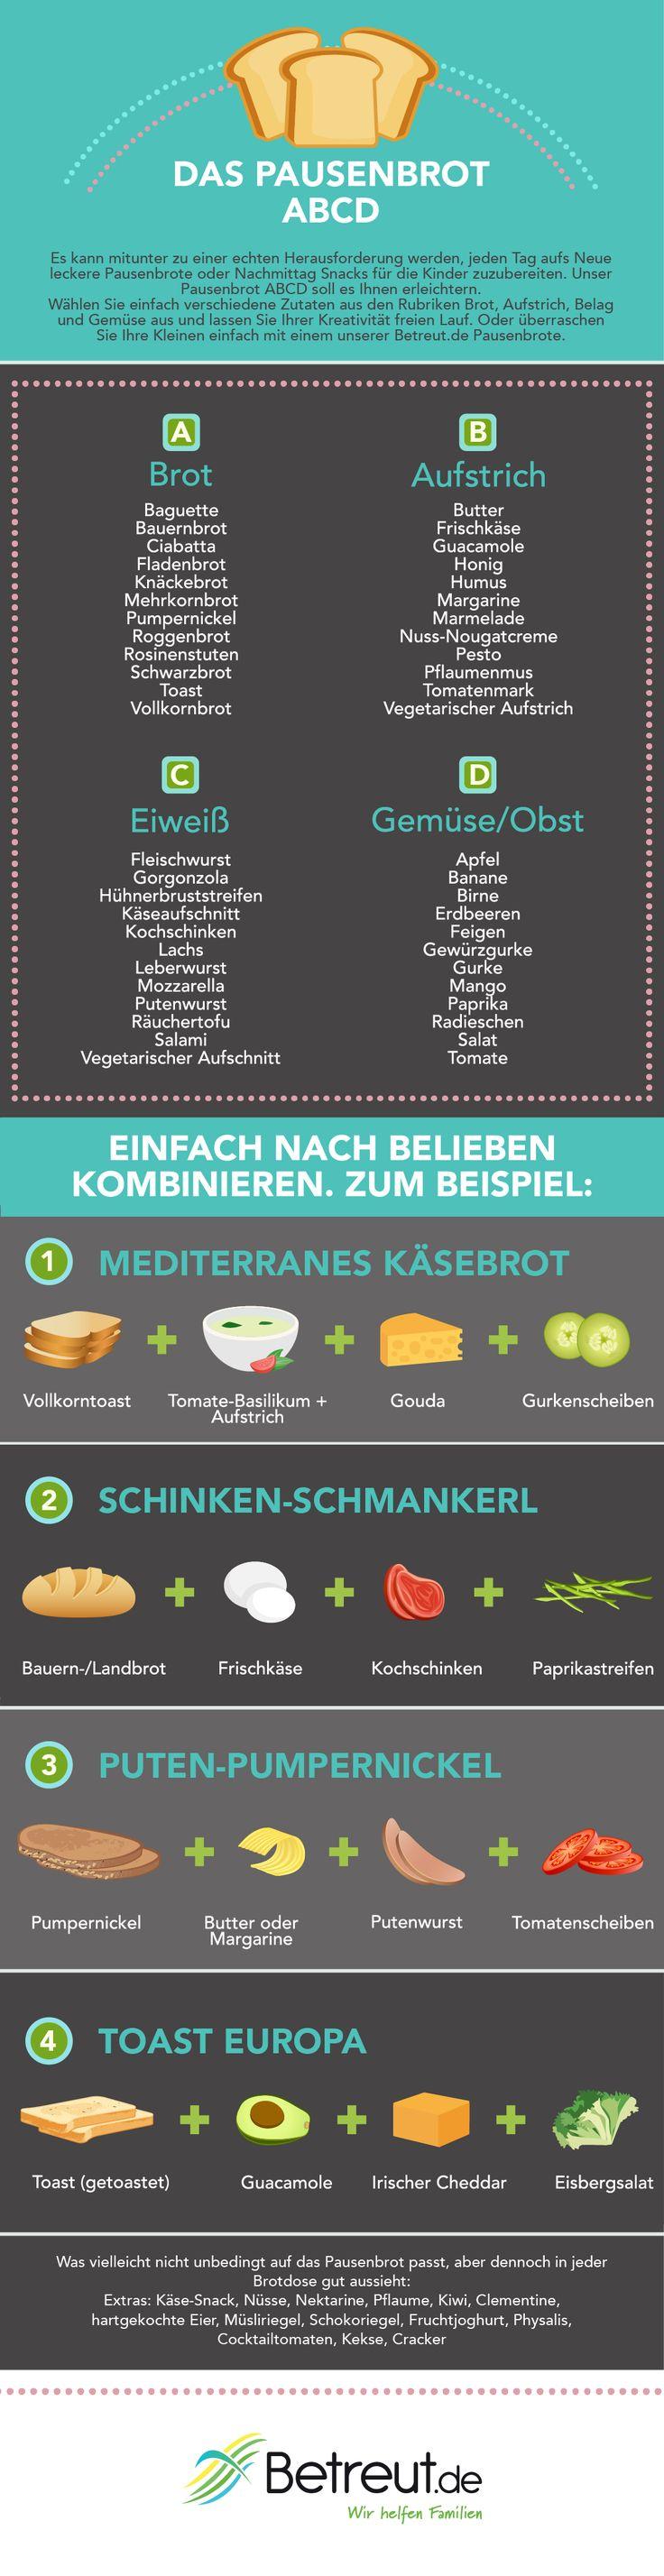 Ihr kennt es sicher: Immer wieder neue Ideen für das Pausenbrot des kleinen Gourmets zu finden, ist nicht ganz einfach. Diese Infografik hilft euch, neue Variationen mit leckeren, gesunden Zutaten zu finden.